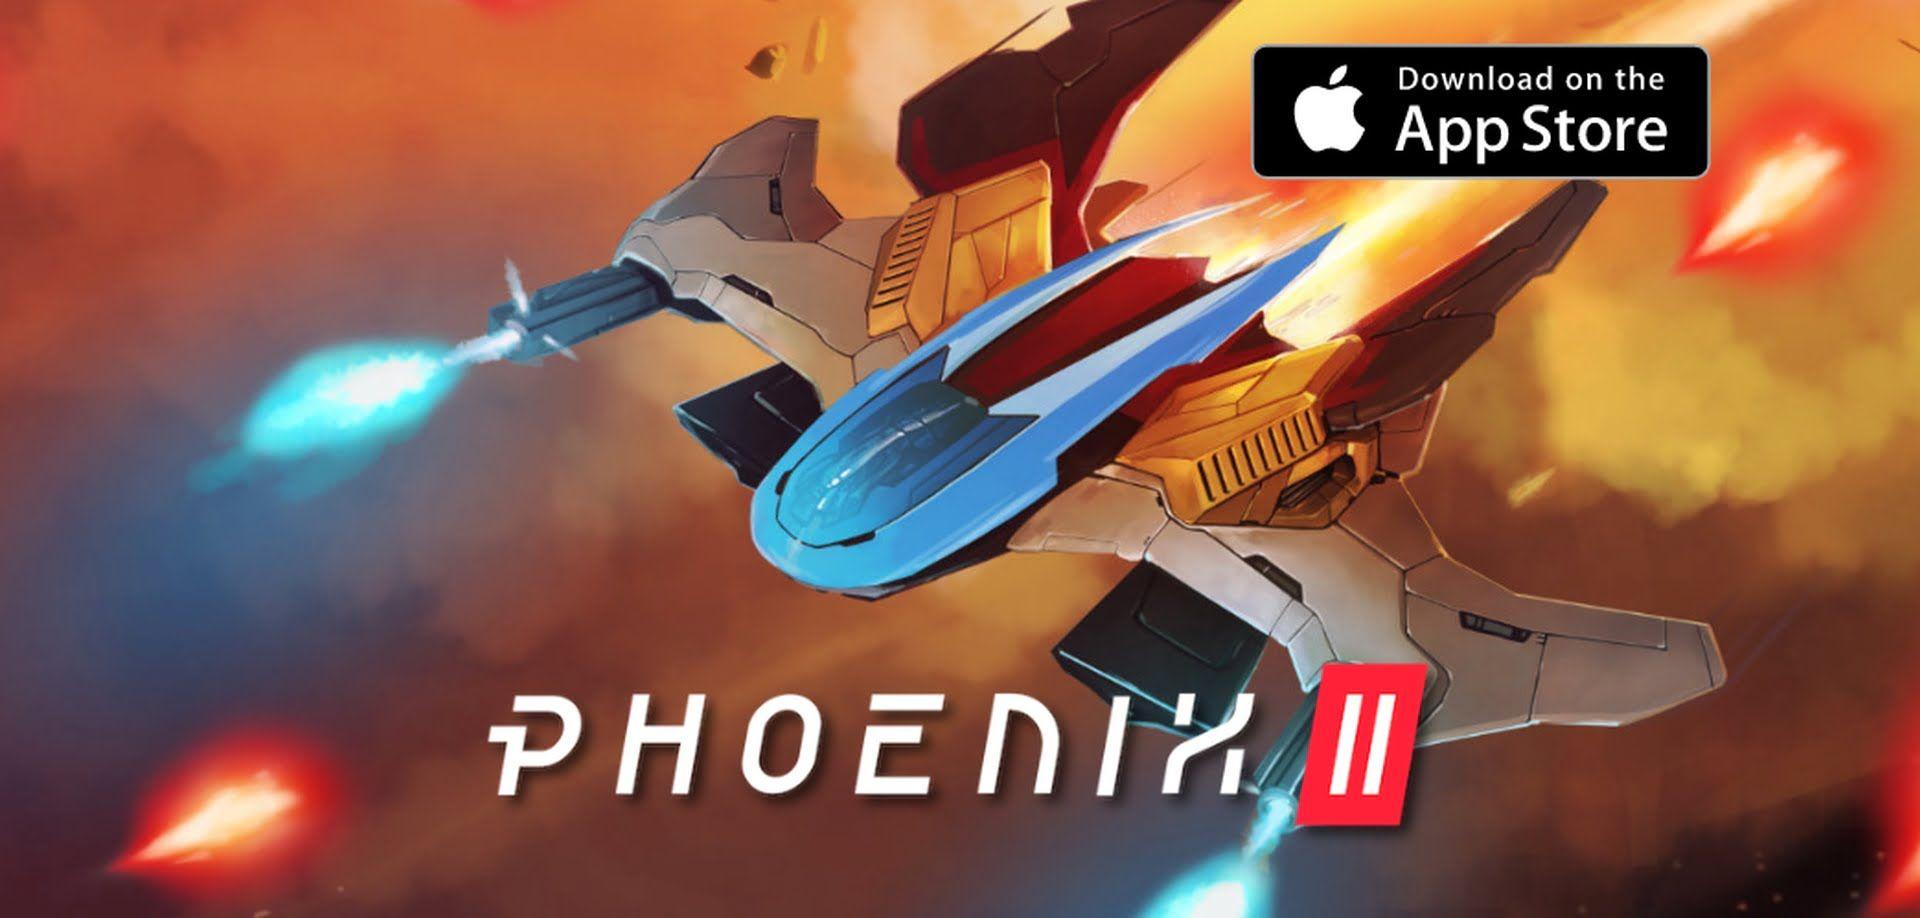 Demo gry Phoenix 2 dostępne jako App Clips w systemie iOS 14